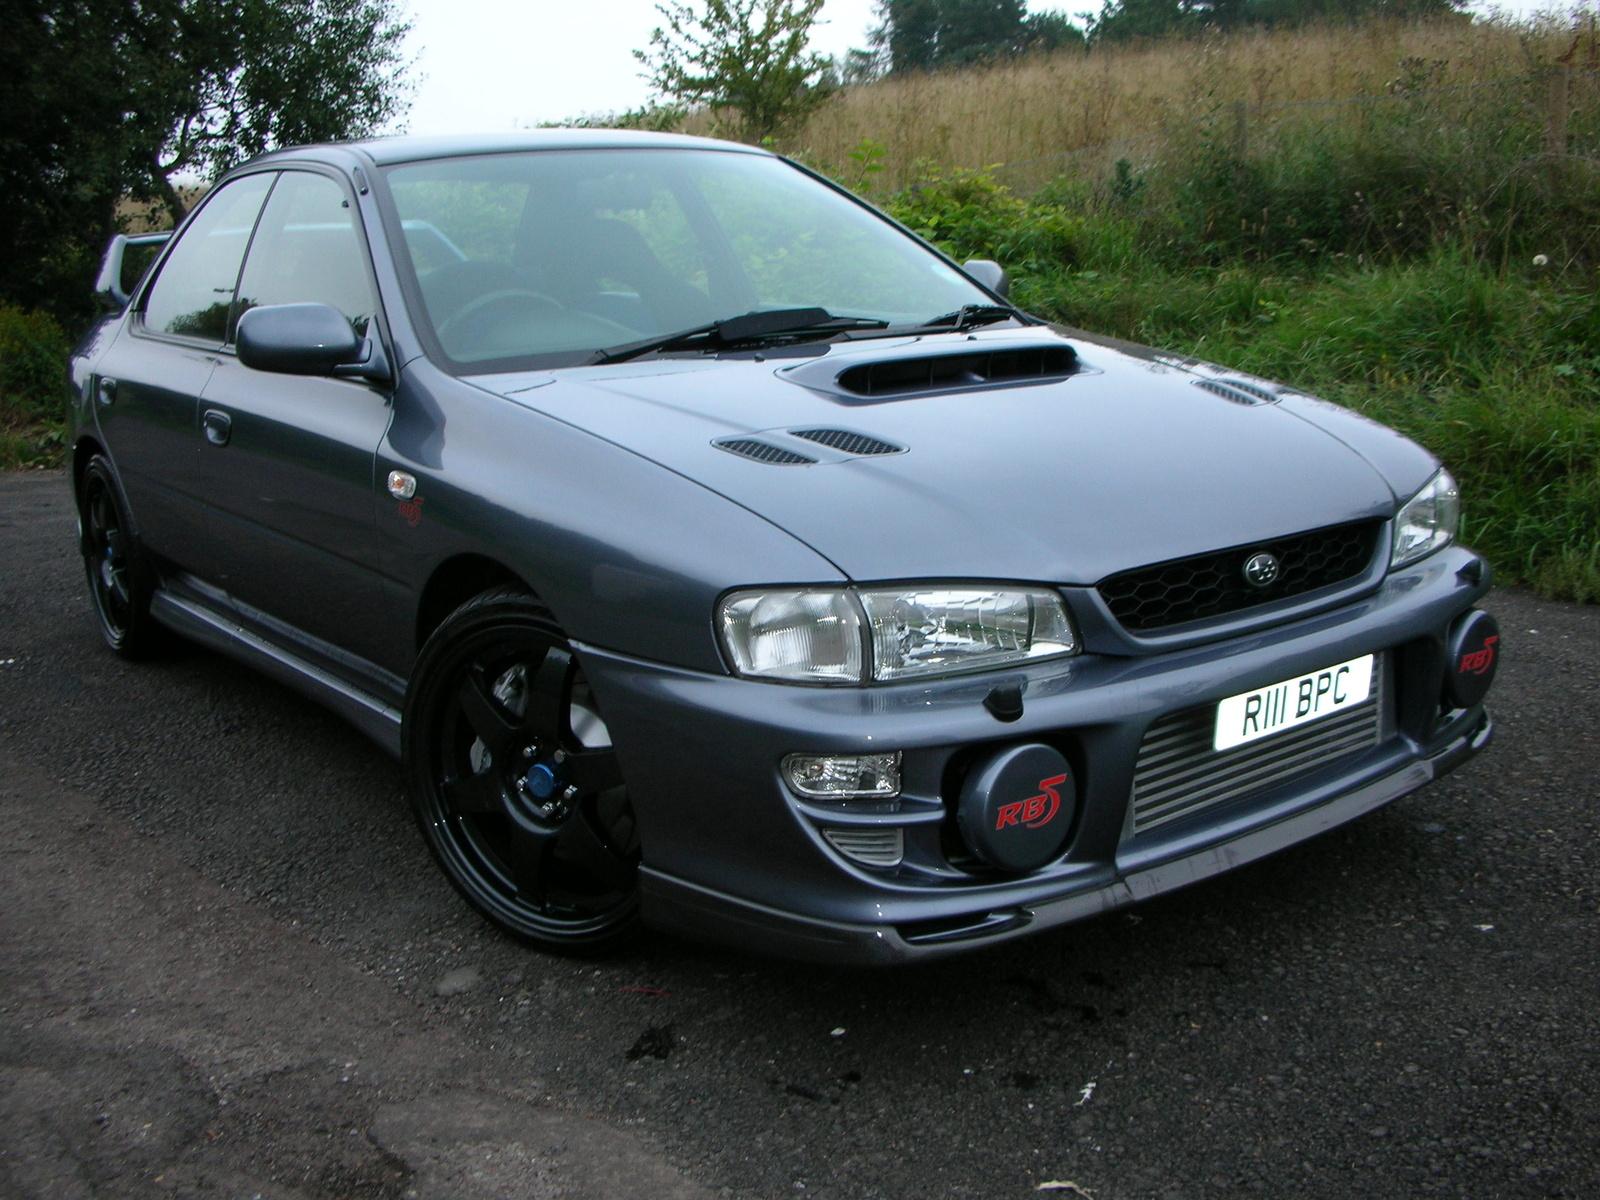 1999 Subaru Impreza Pictures Cargurus